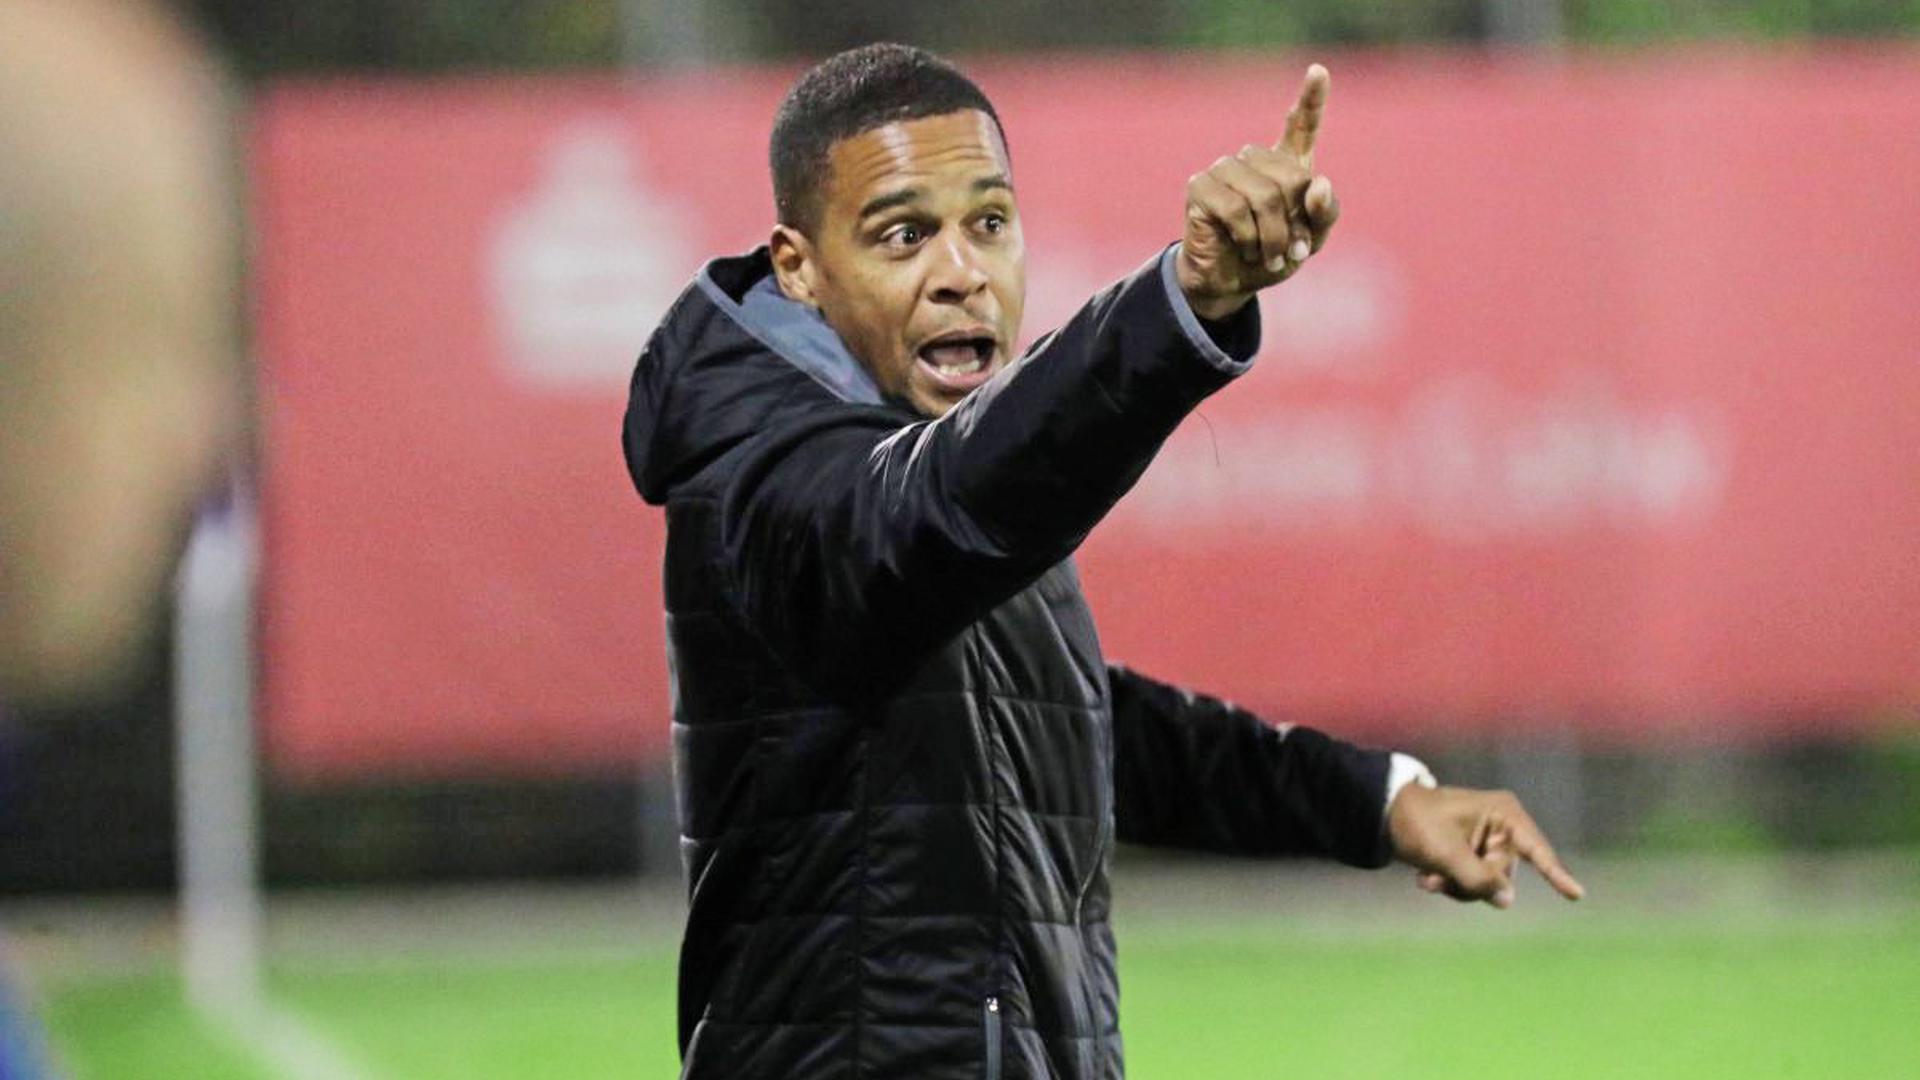 Hat es beim Spiel des 1. CfR Pforzheim gegen den SV Oberachern am Sonntag rassistische Äußerungen gegen Gästecoach Mark Lerandy gegeben?